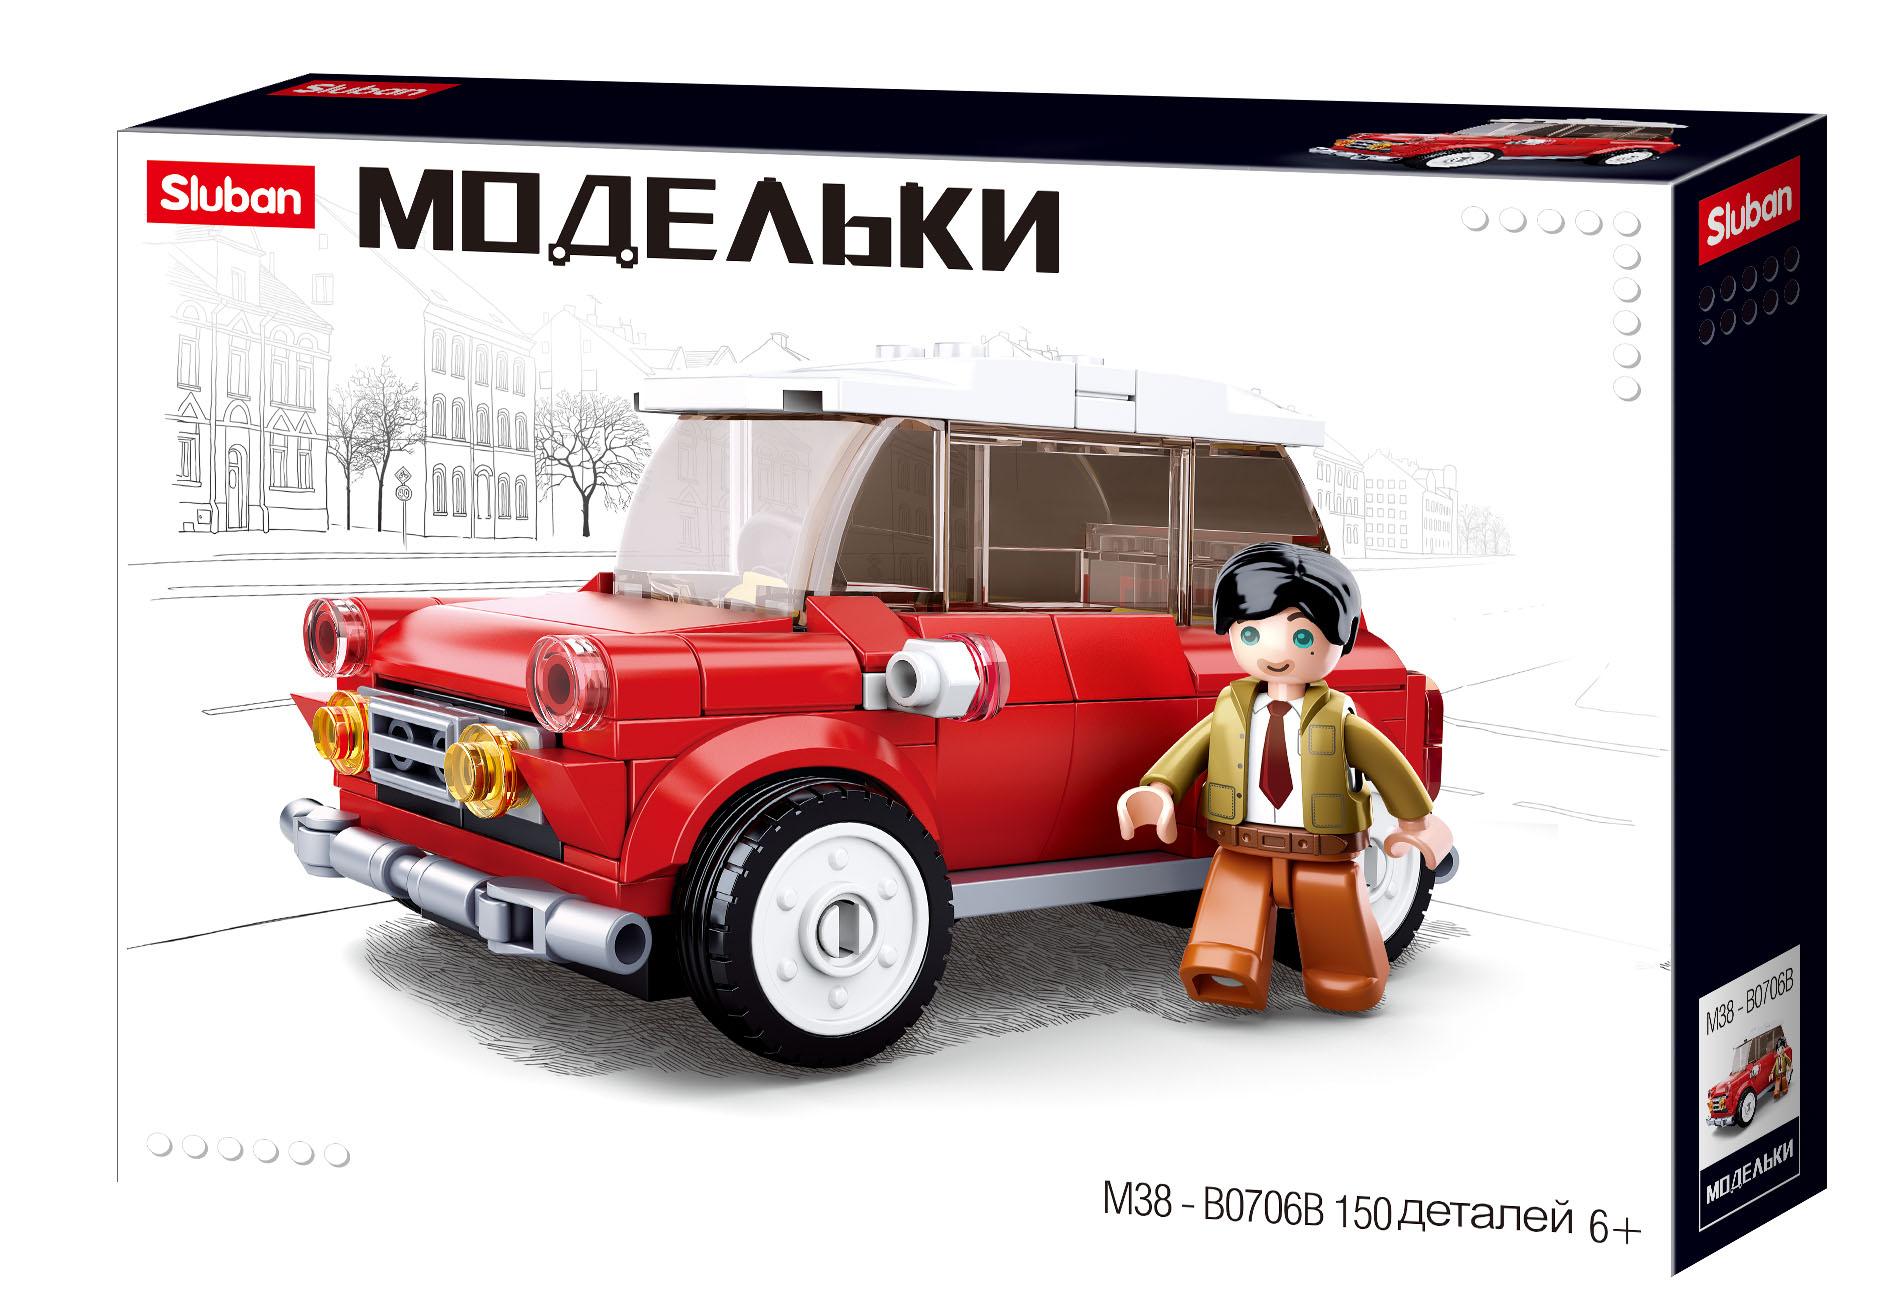 Конструктор Sluban Модельки, 150 деталей